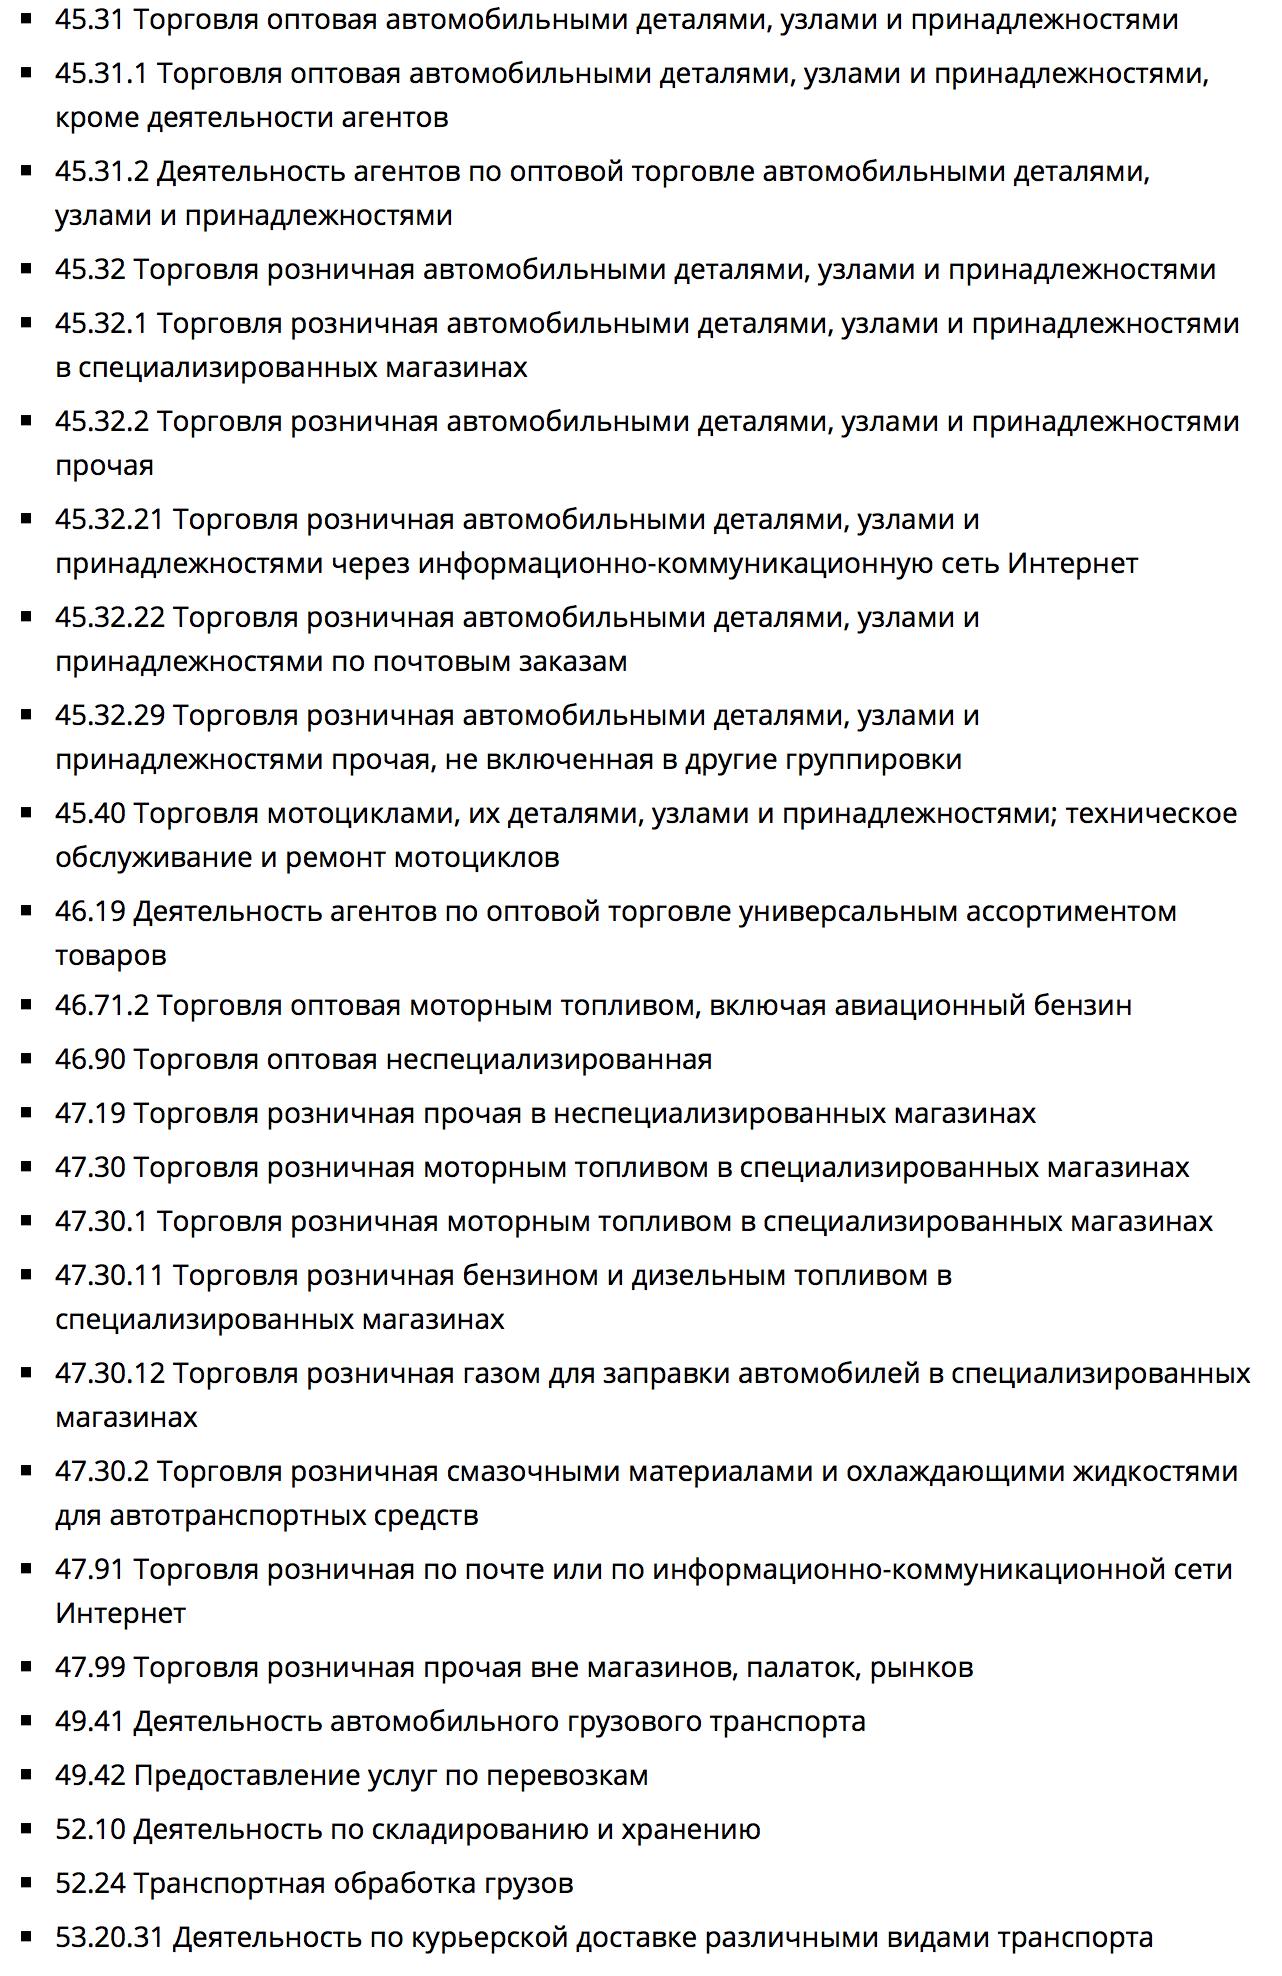 Коды ОКВЭД для магазина автозапчастей